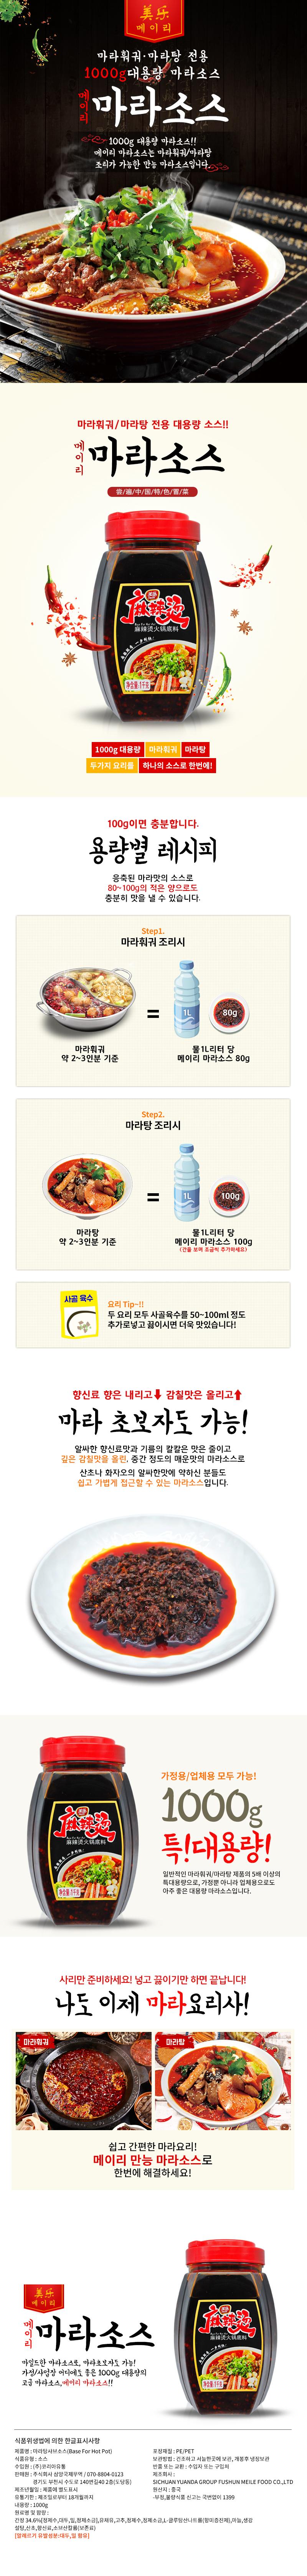 메이리 대용량 마라소스 1kg 마라훠궈 마라탕 소스 - 훠궈먹는날, 13,000원, 소스, 소스